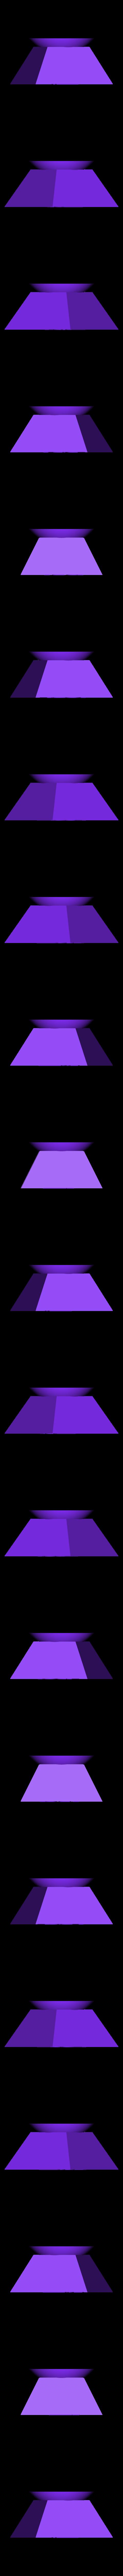 """tirelire oeuf spiderman socle.stl Télécharger fichier STL gratuit Tirelire """"oeuf spiderman"""" • Design imprimable en 3D, psl"""